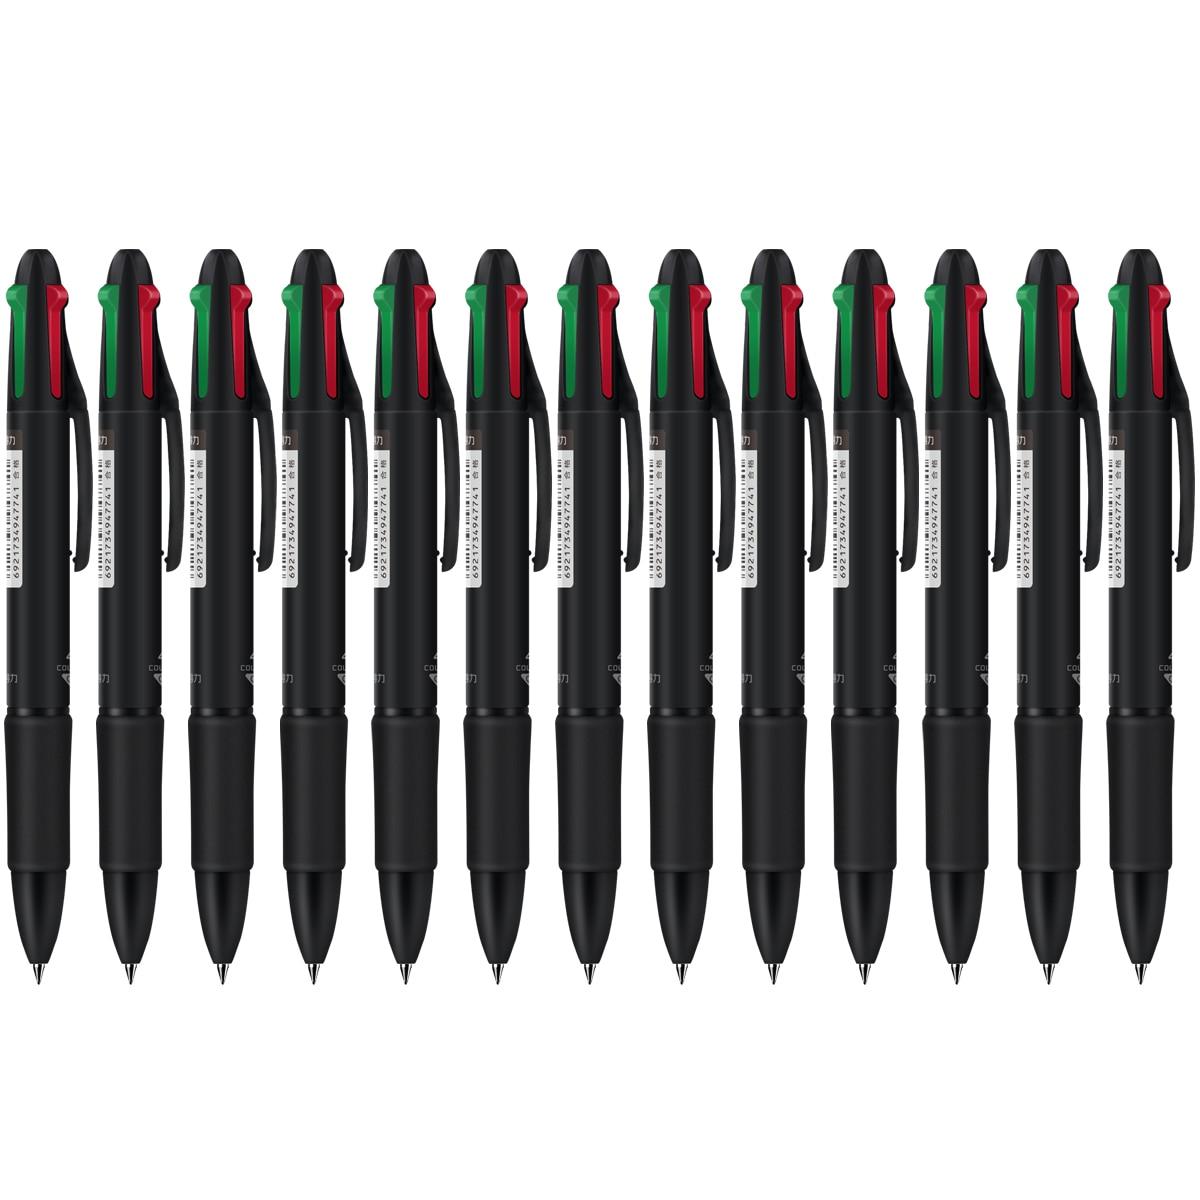 Deli Четырехцветная шариковая ручка 0,7 мм пули Многофункциональный цветной пресс шариковая ручка канцелярские принадлежности для офиса